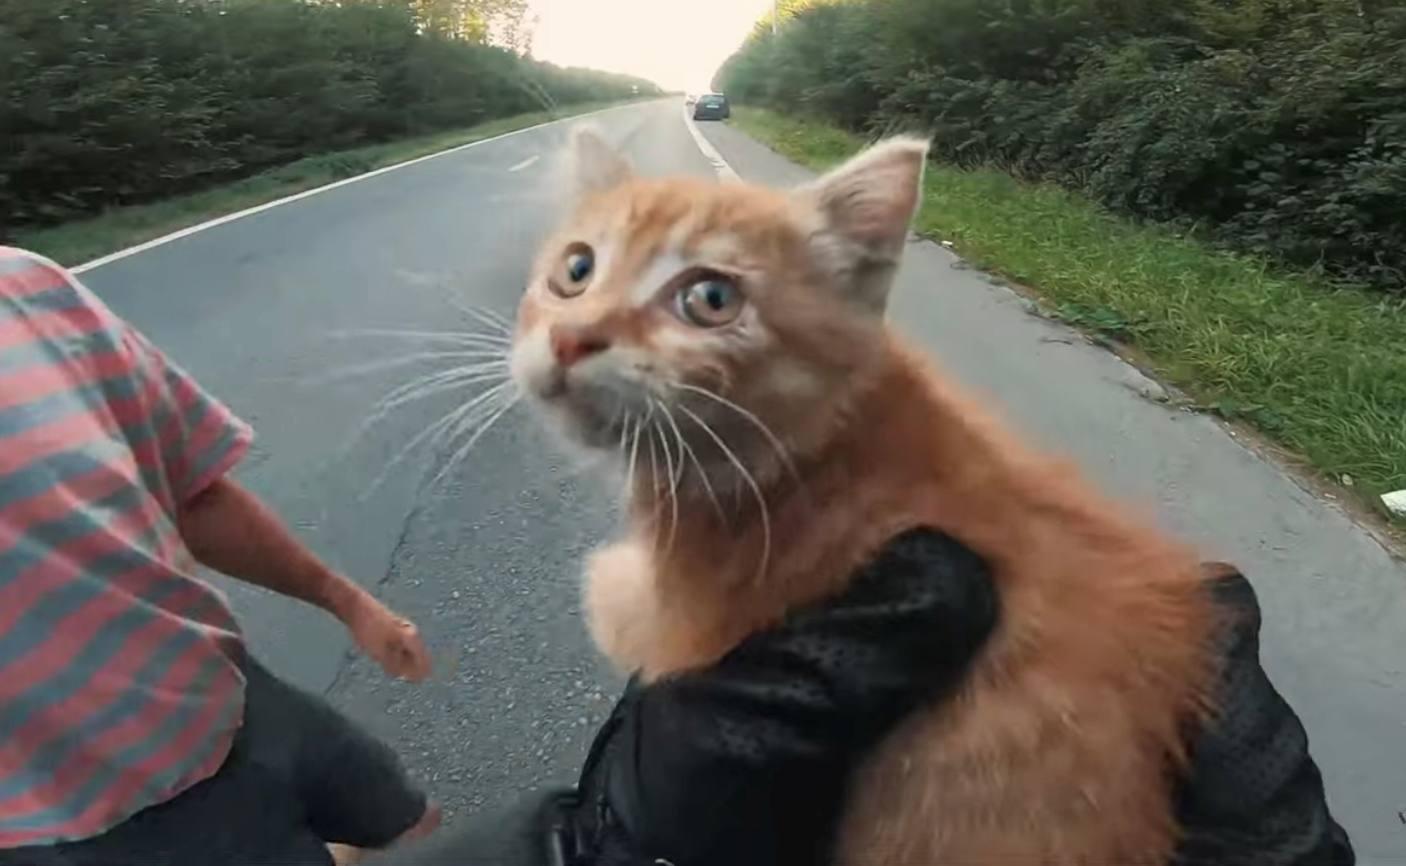 Dos héroes arriesgan todo para rescatar a gatito perdido en la carretera